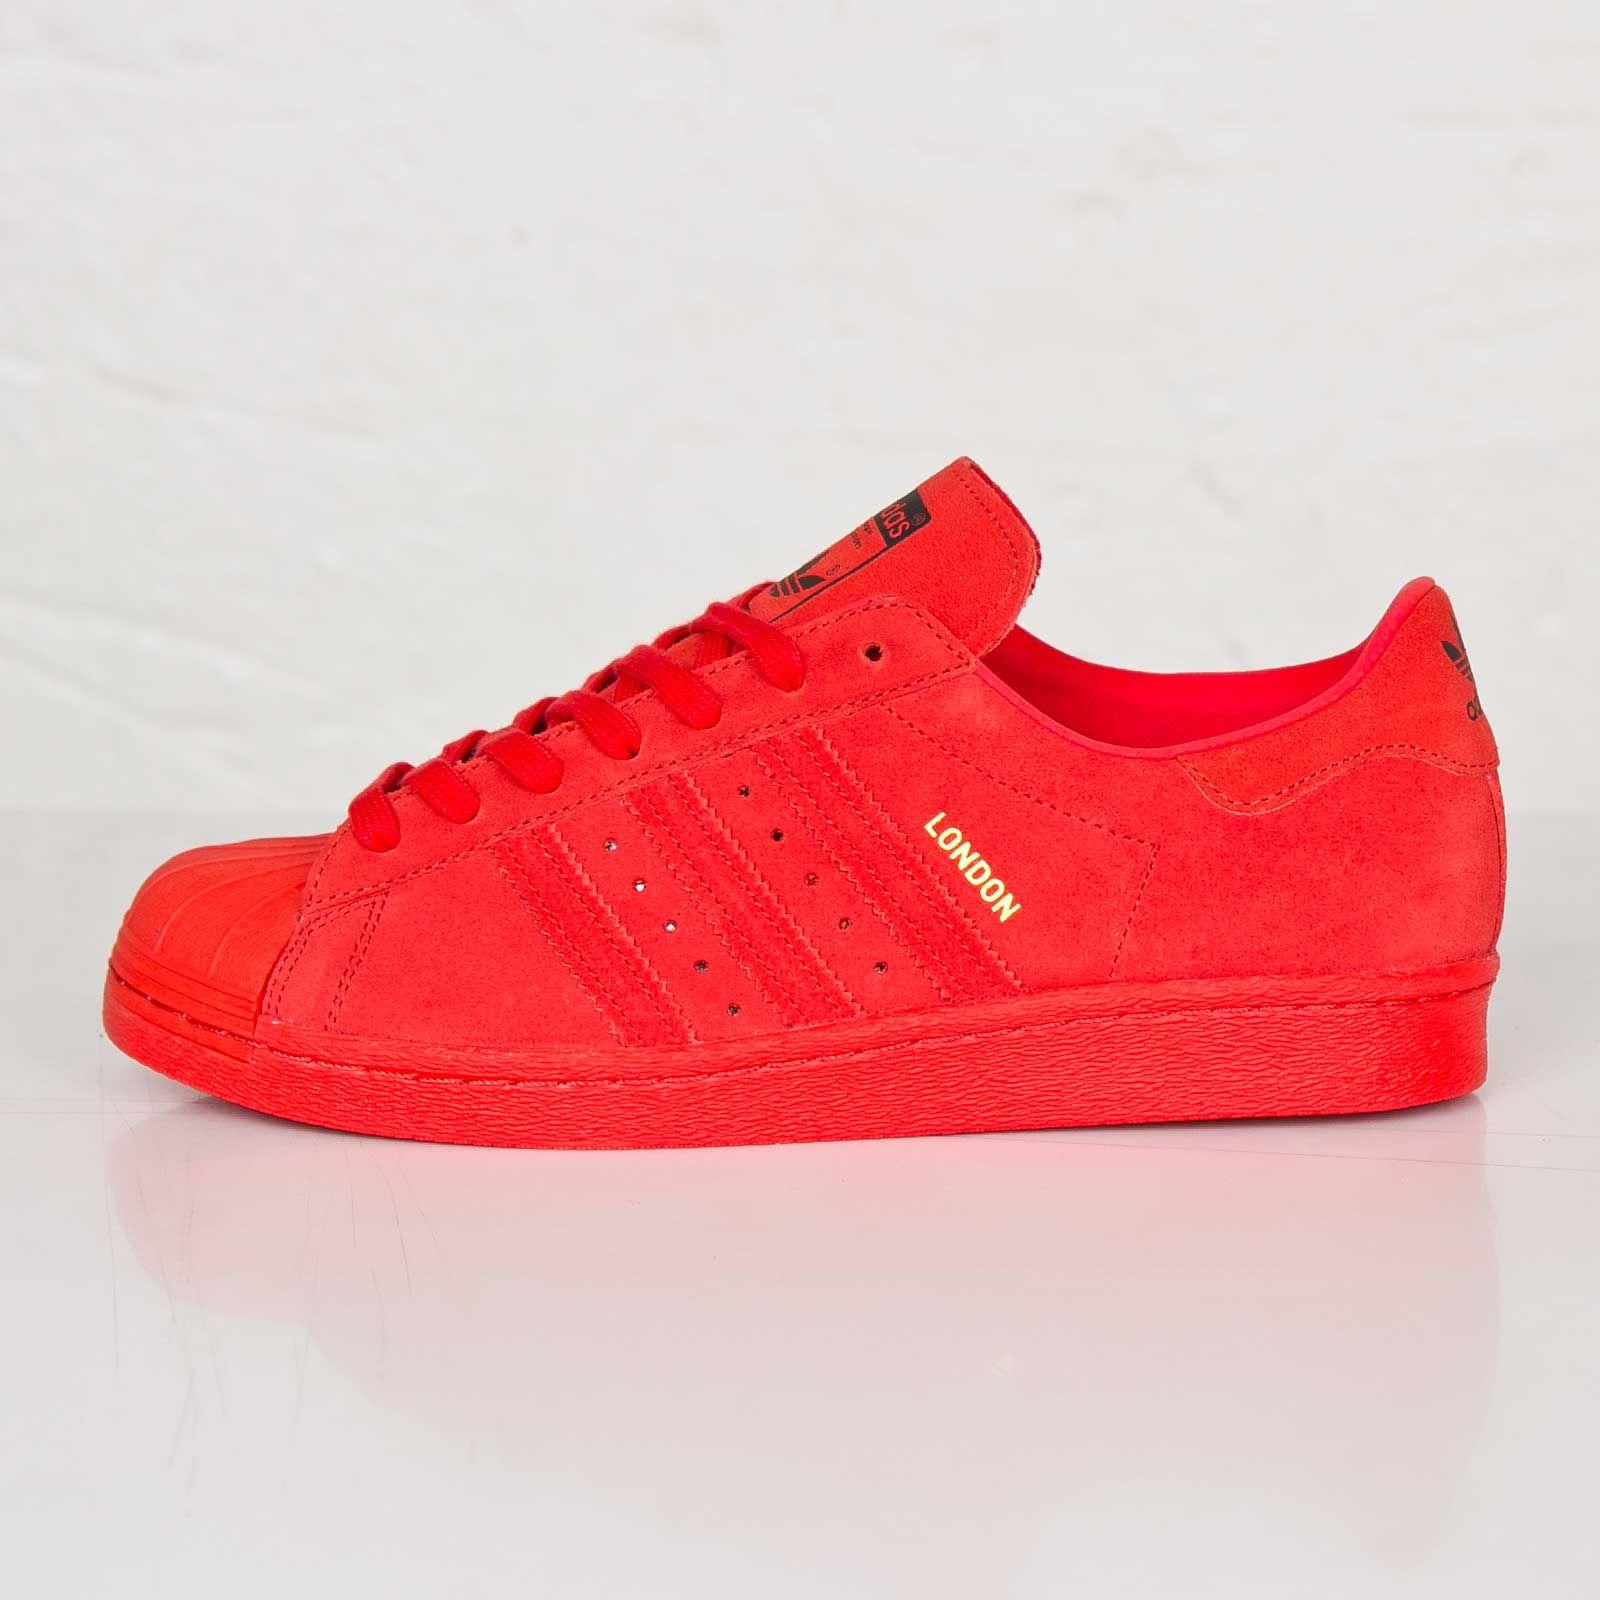 Adidas Superstar Degli Scarpe Anni '80 Città Serie Scarpe Degli Pinterest Adidas cab520